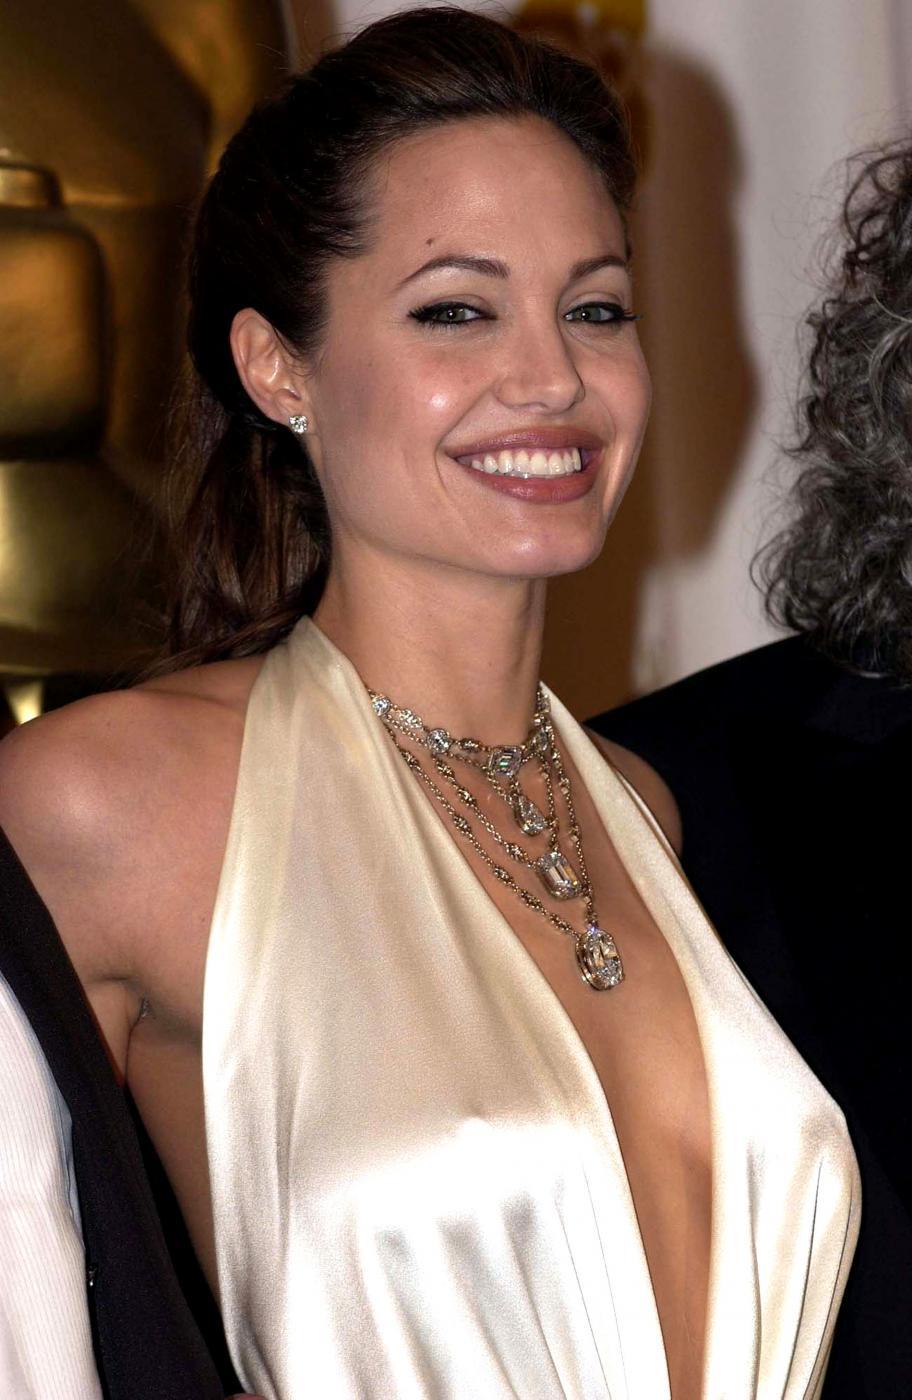 Angelina Jolie, com'era e com'è. L'attrice compie 40 anni FOTO 44